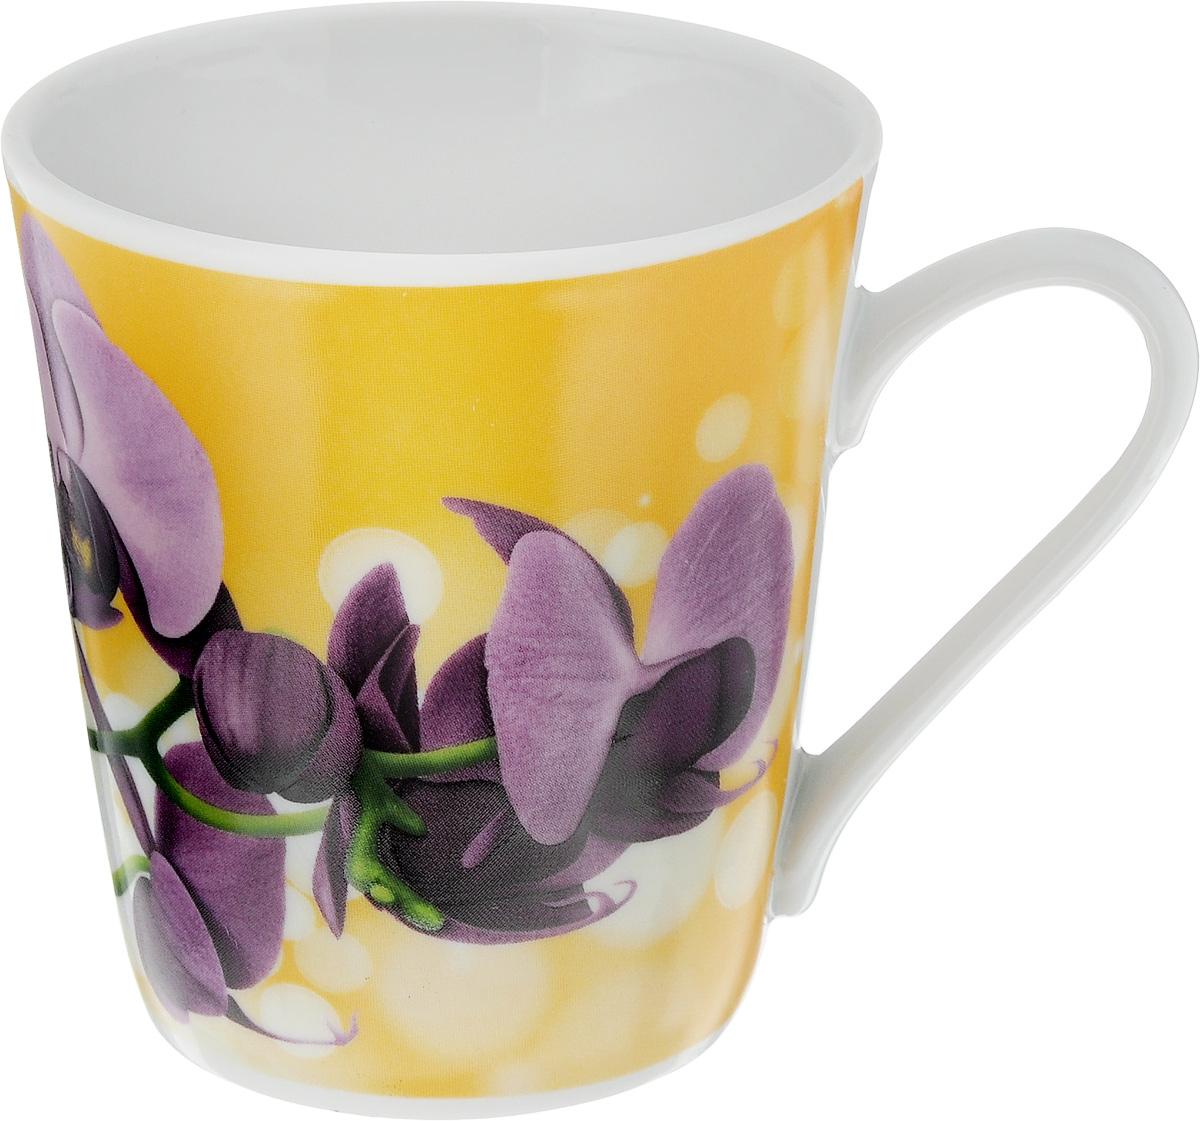 Кружка Классик. Орхидея, 300 мл1333019_желтый, фиолетовыйКружка Классик. Орхидея изготовлена из высококачественного фарфора. Изделие оформлено красочным рисунком и покрыто превосходной сверкающей глазурью. Изысканная кружка прекрасно оформит стол к чаепитию и станет его неизменным атрибутом.Диаметр кружки (по верхнему краю): 9 см.Высота кружки: 9,5 см.